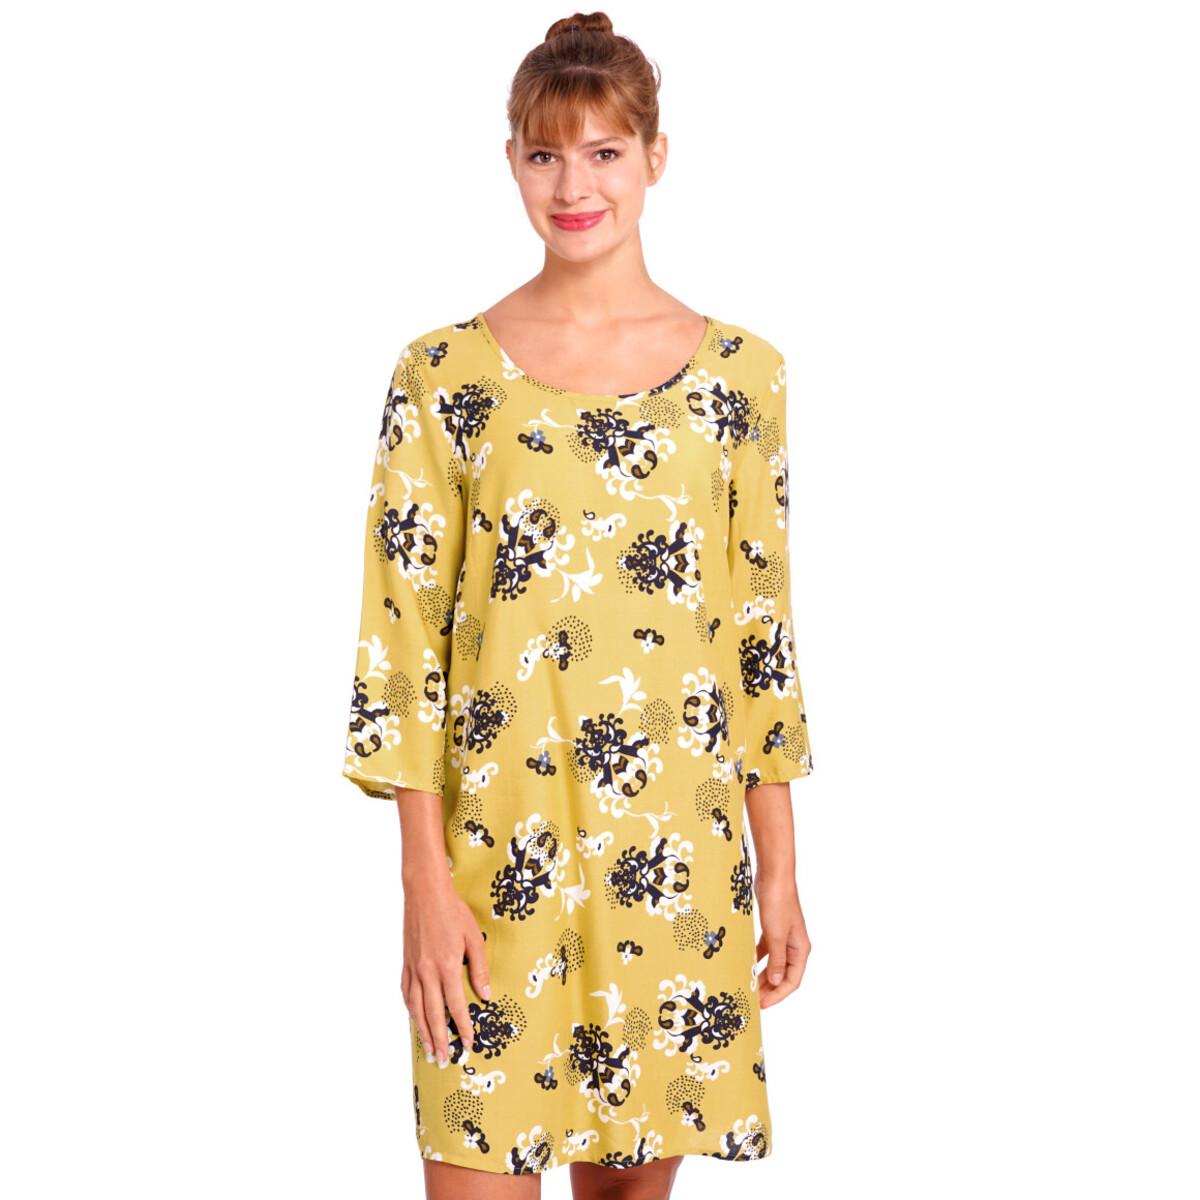 Bild 2 von Damen Kleid mit Ornament-Muster